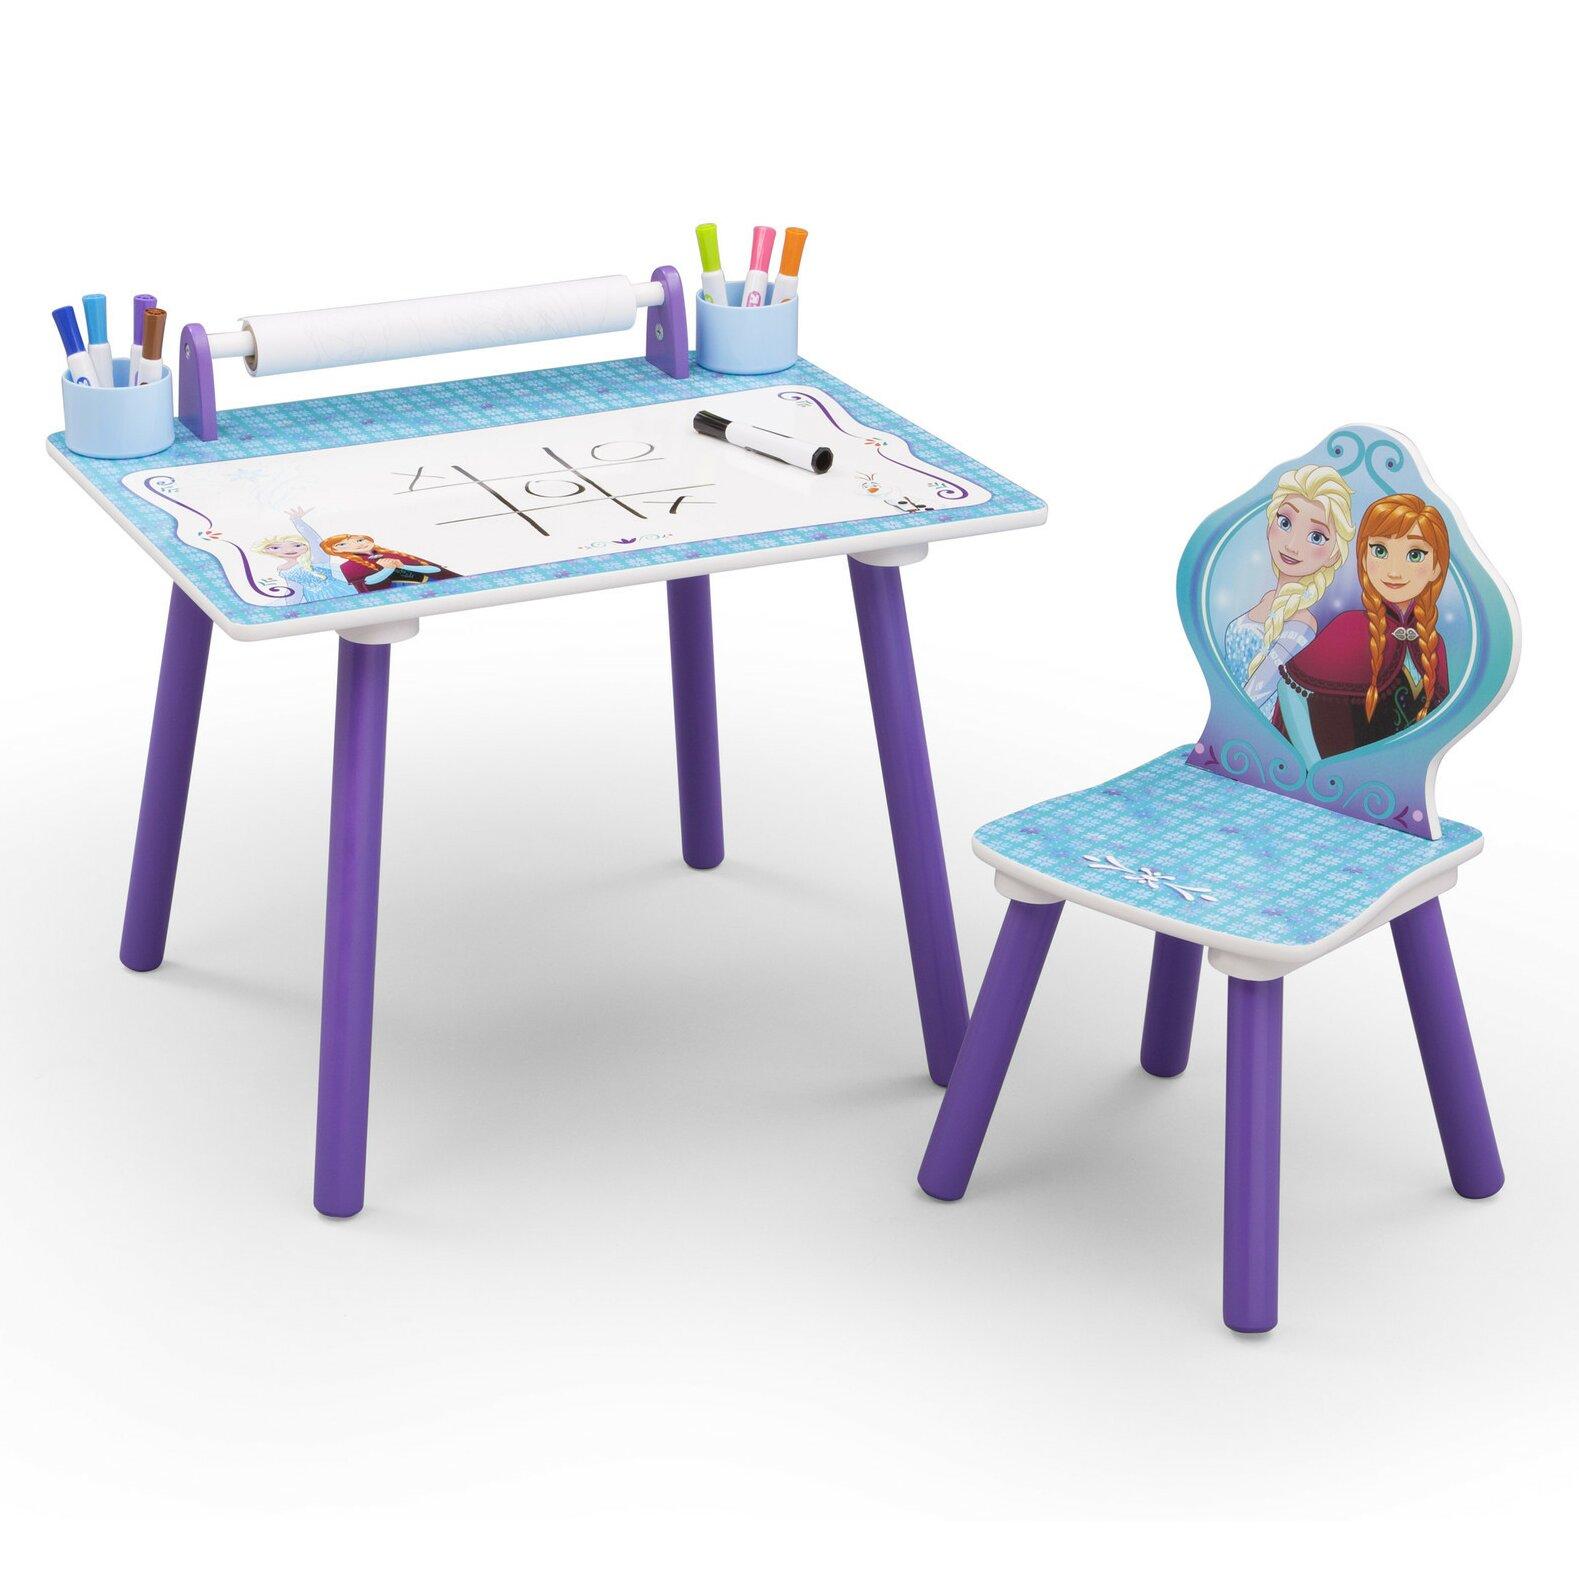 deltachildren 2 tlg kinder tisch set eisk nigin v llig. Black Bedroom Furniture Sets. Home Design Ideas